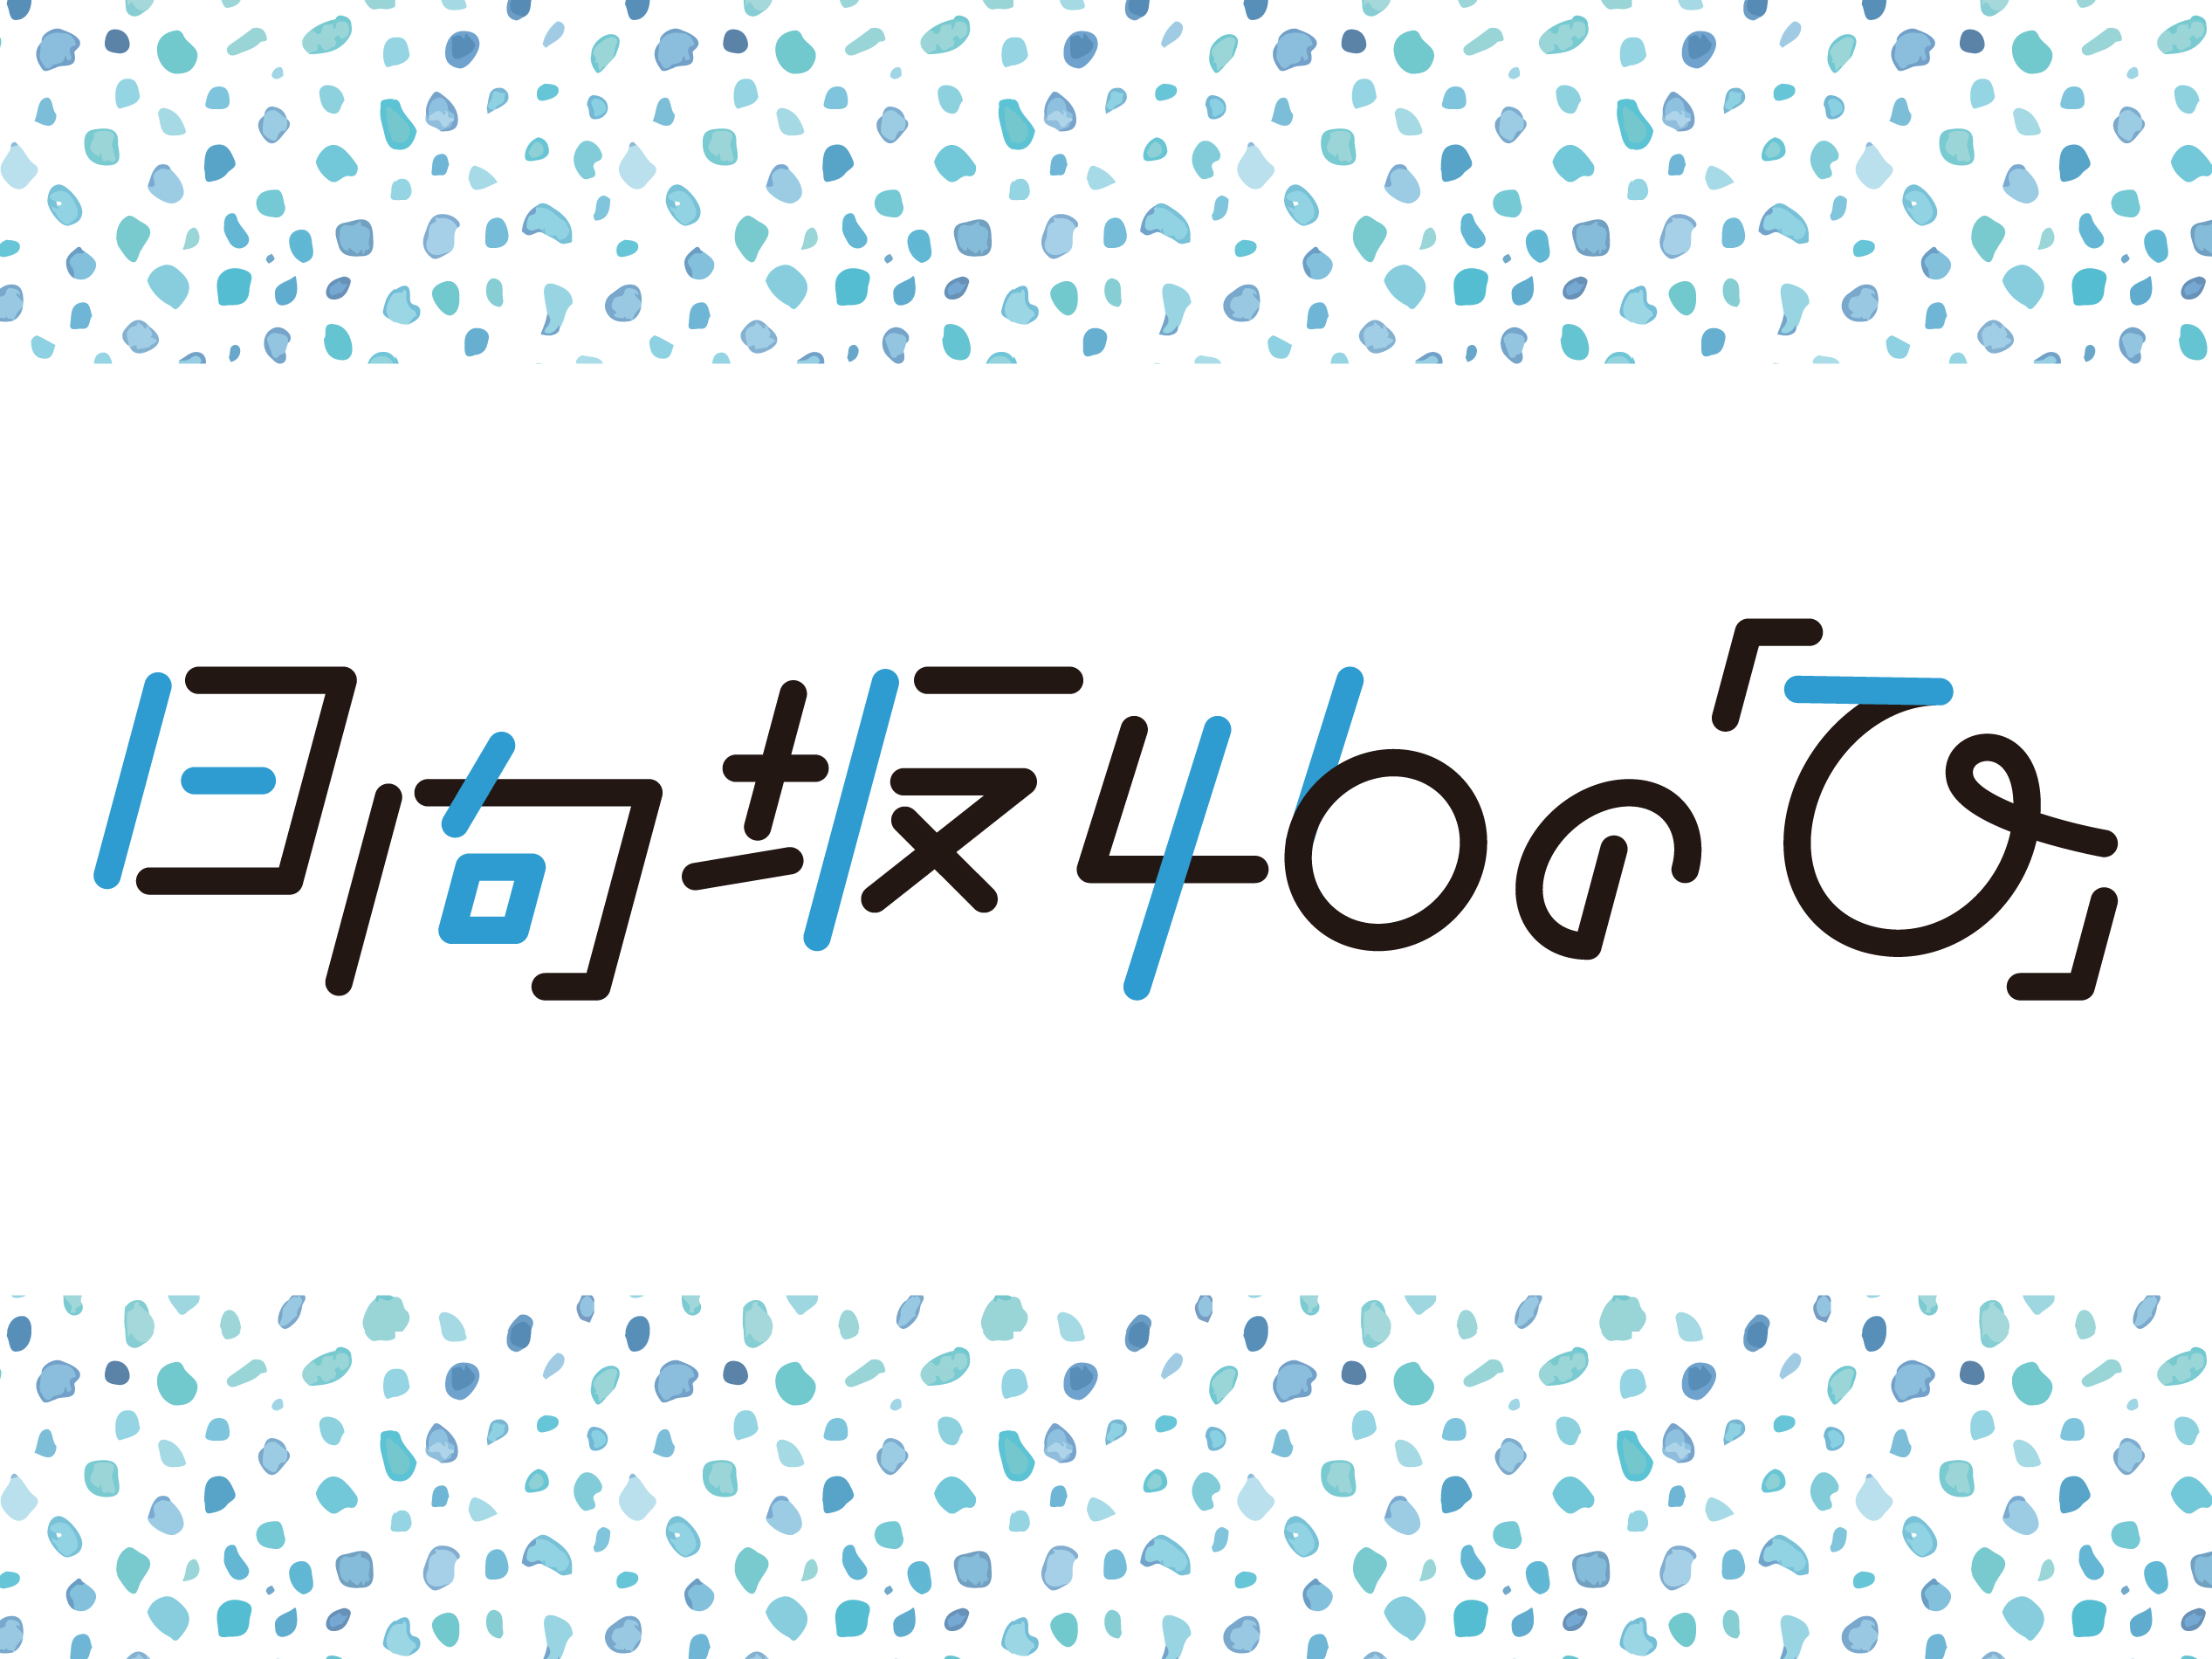 【日向坂46の「ひ」】5月30日出演メンバーのお知らせ